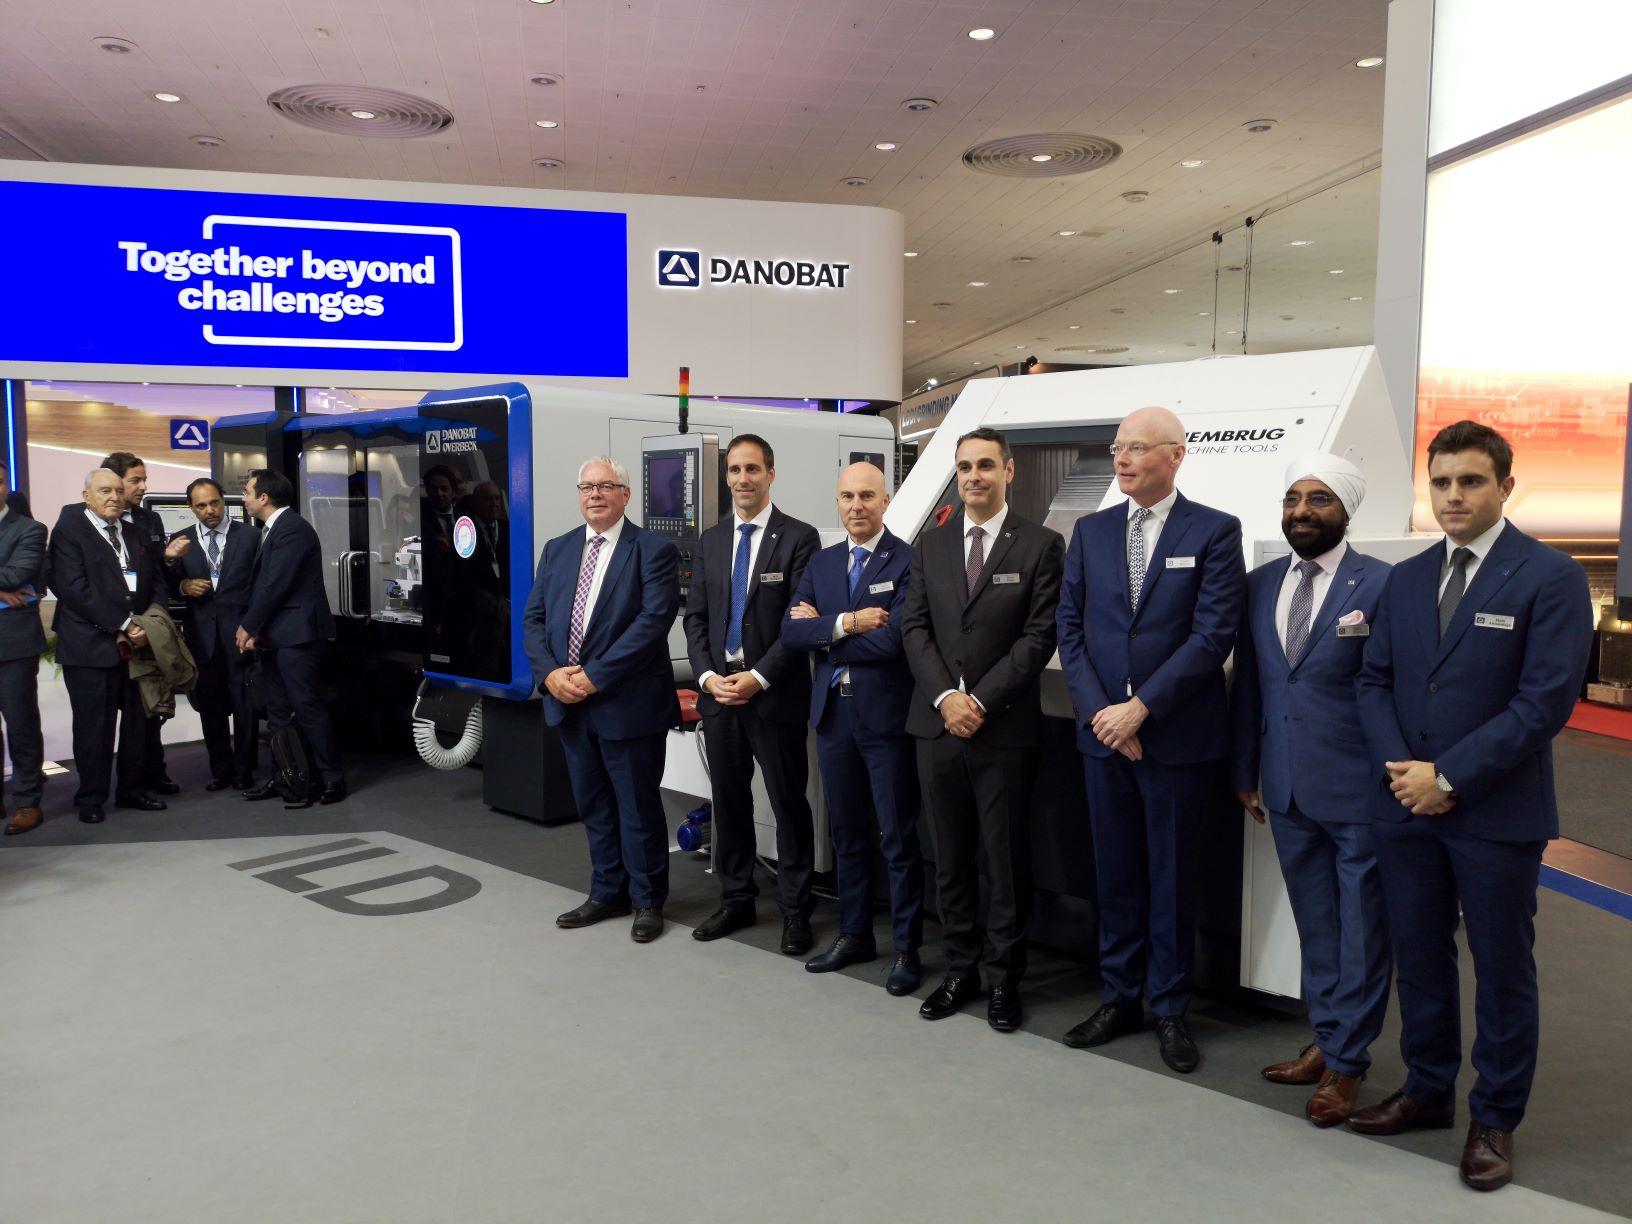 Danobat erwirbt das niederländische Unternehmen Hembrug Machine Tools zur Stärkung seiner Position auf dem Gebiet des Hartdrehens